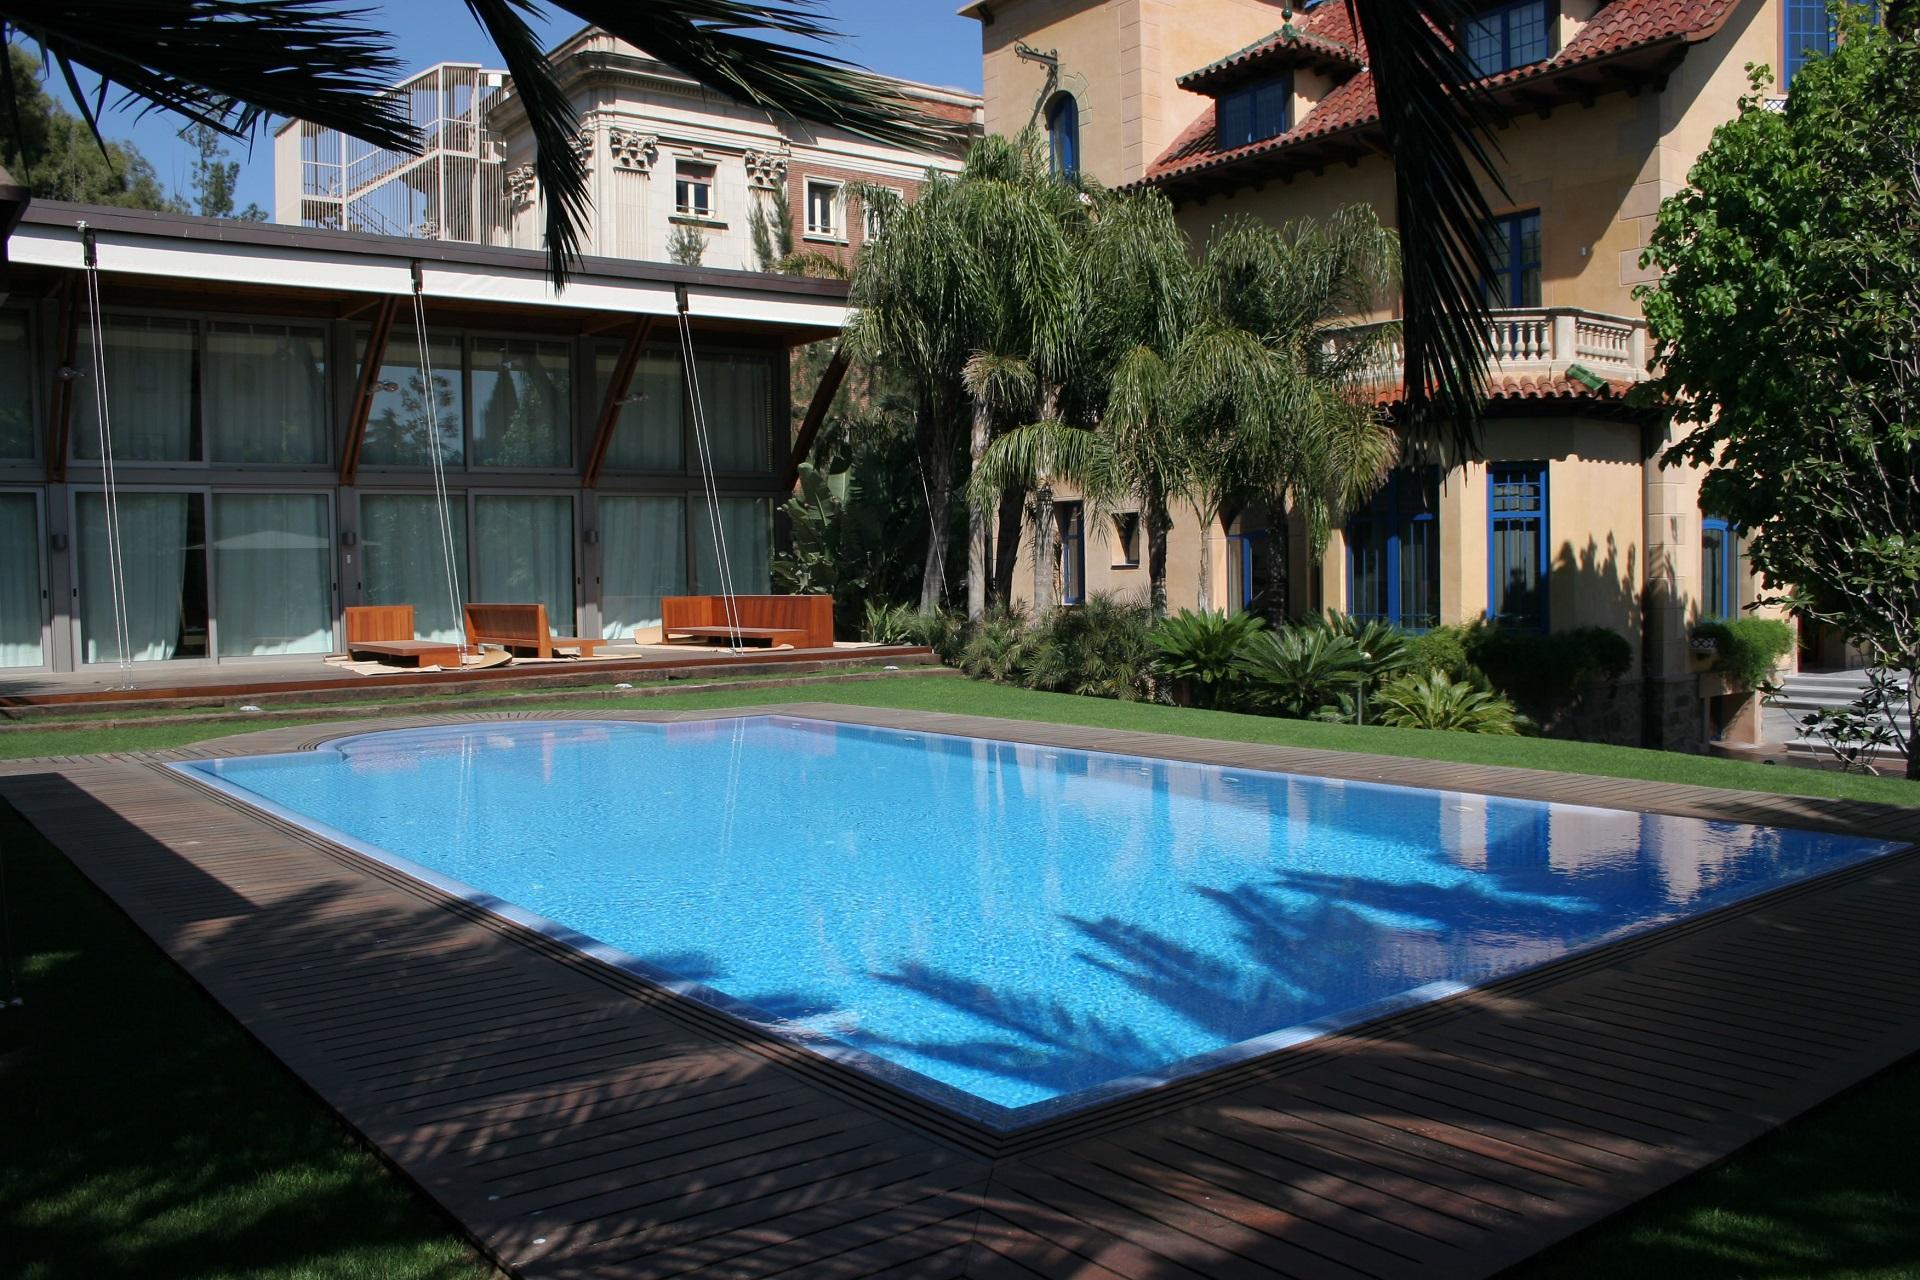 Construcci n de piscinas precios de piscinas for Presupuesto construccion piscina